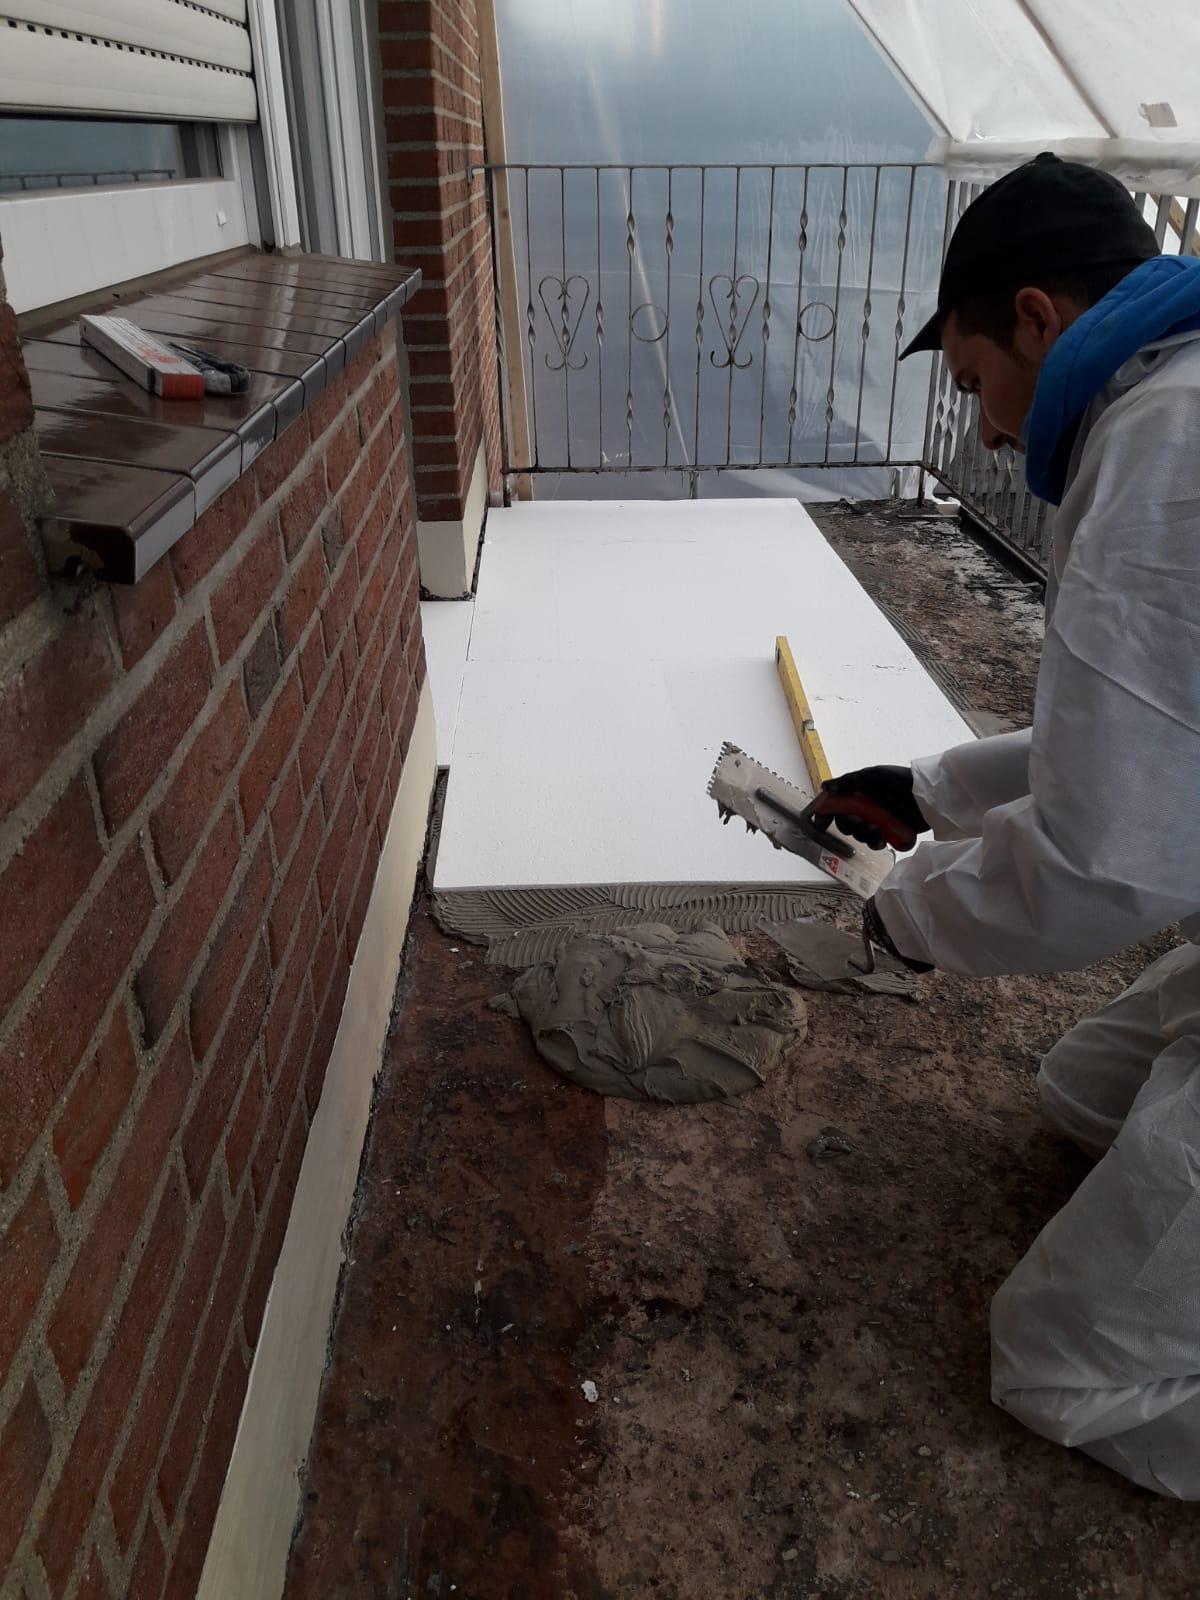 Balkonsanierung im Winter – Zementfaserplatten statt Betonestrich für schnellere Trocknungszeiten!